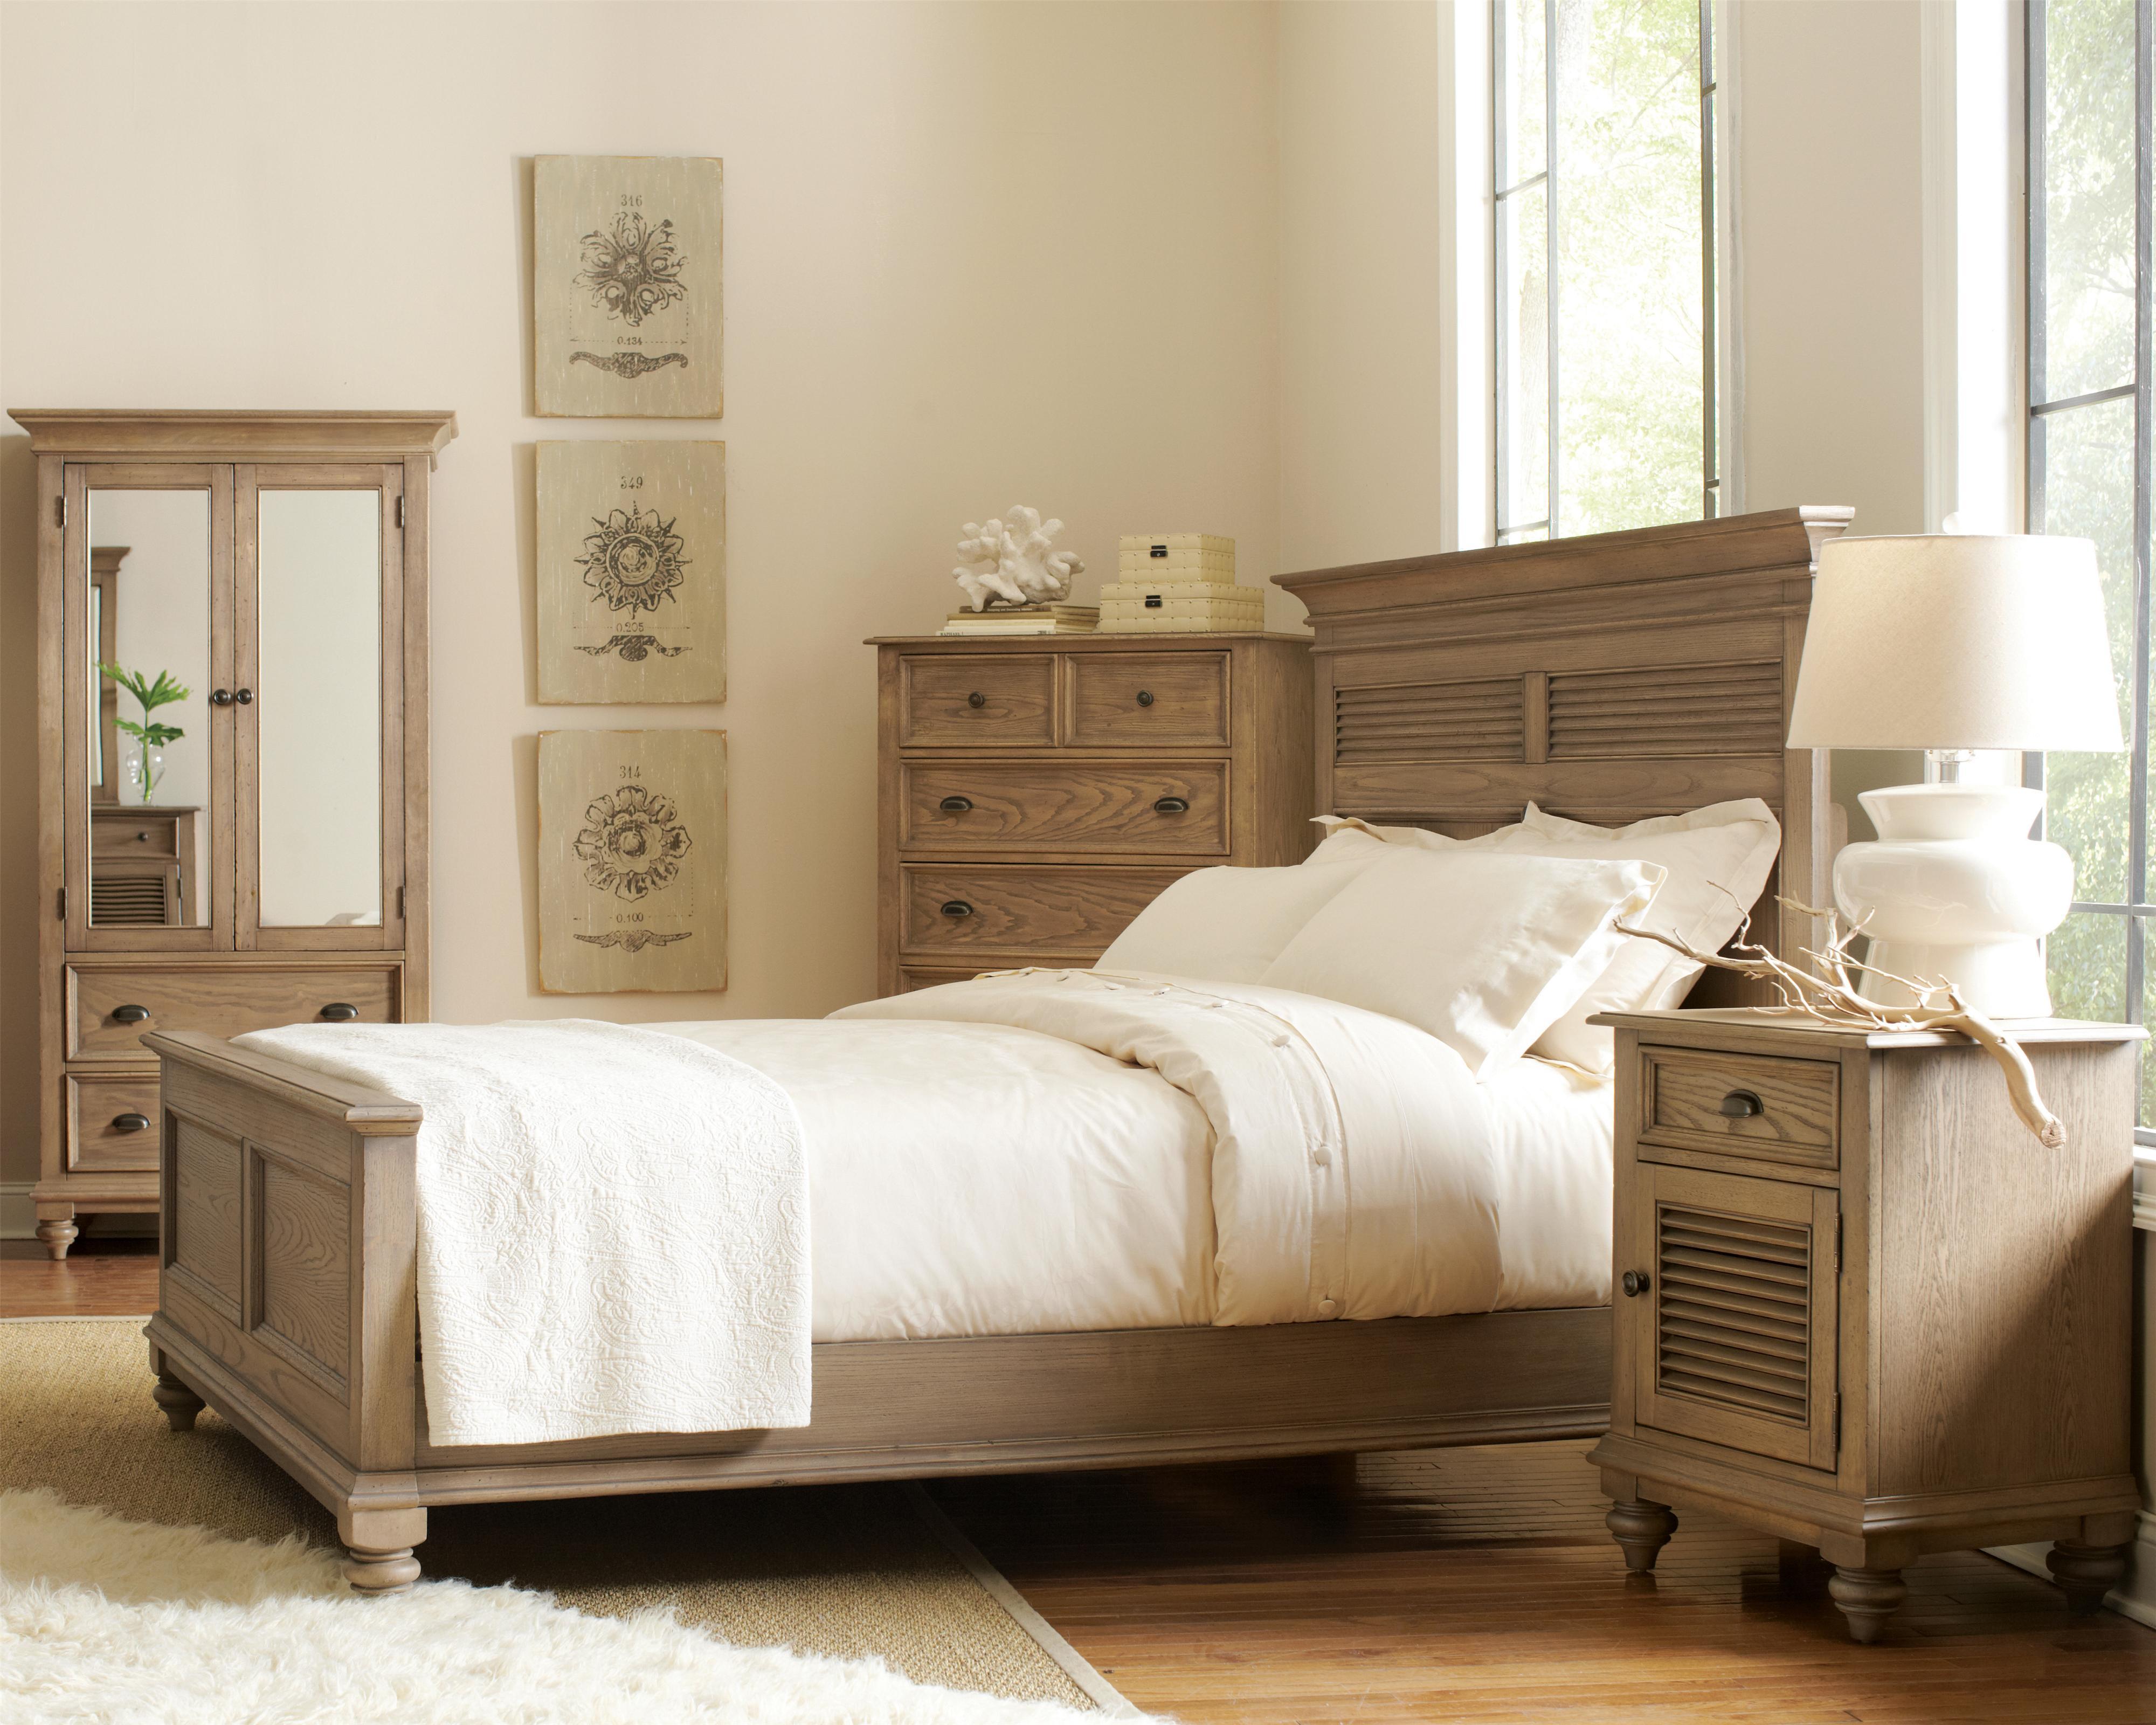 King shutter panel headboard footboard bed by riverside for Bedroom wardrobe shutter designs